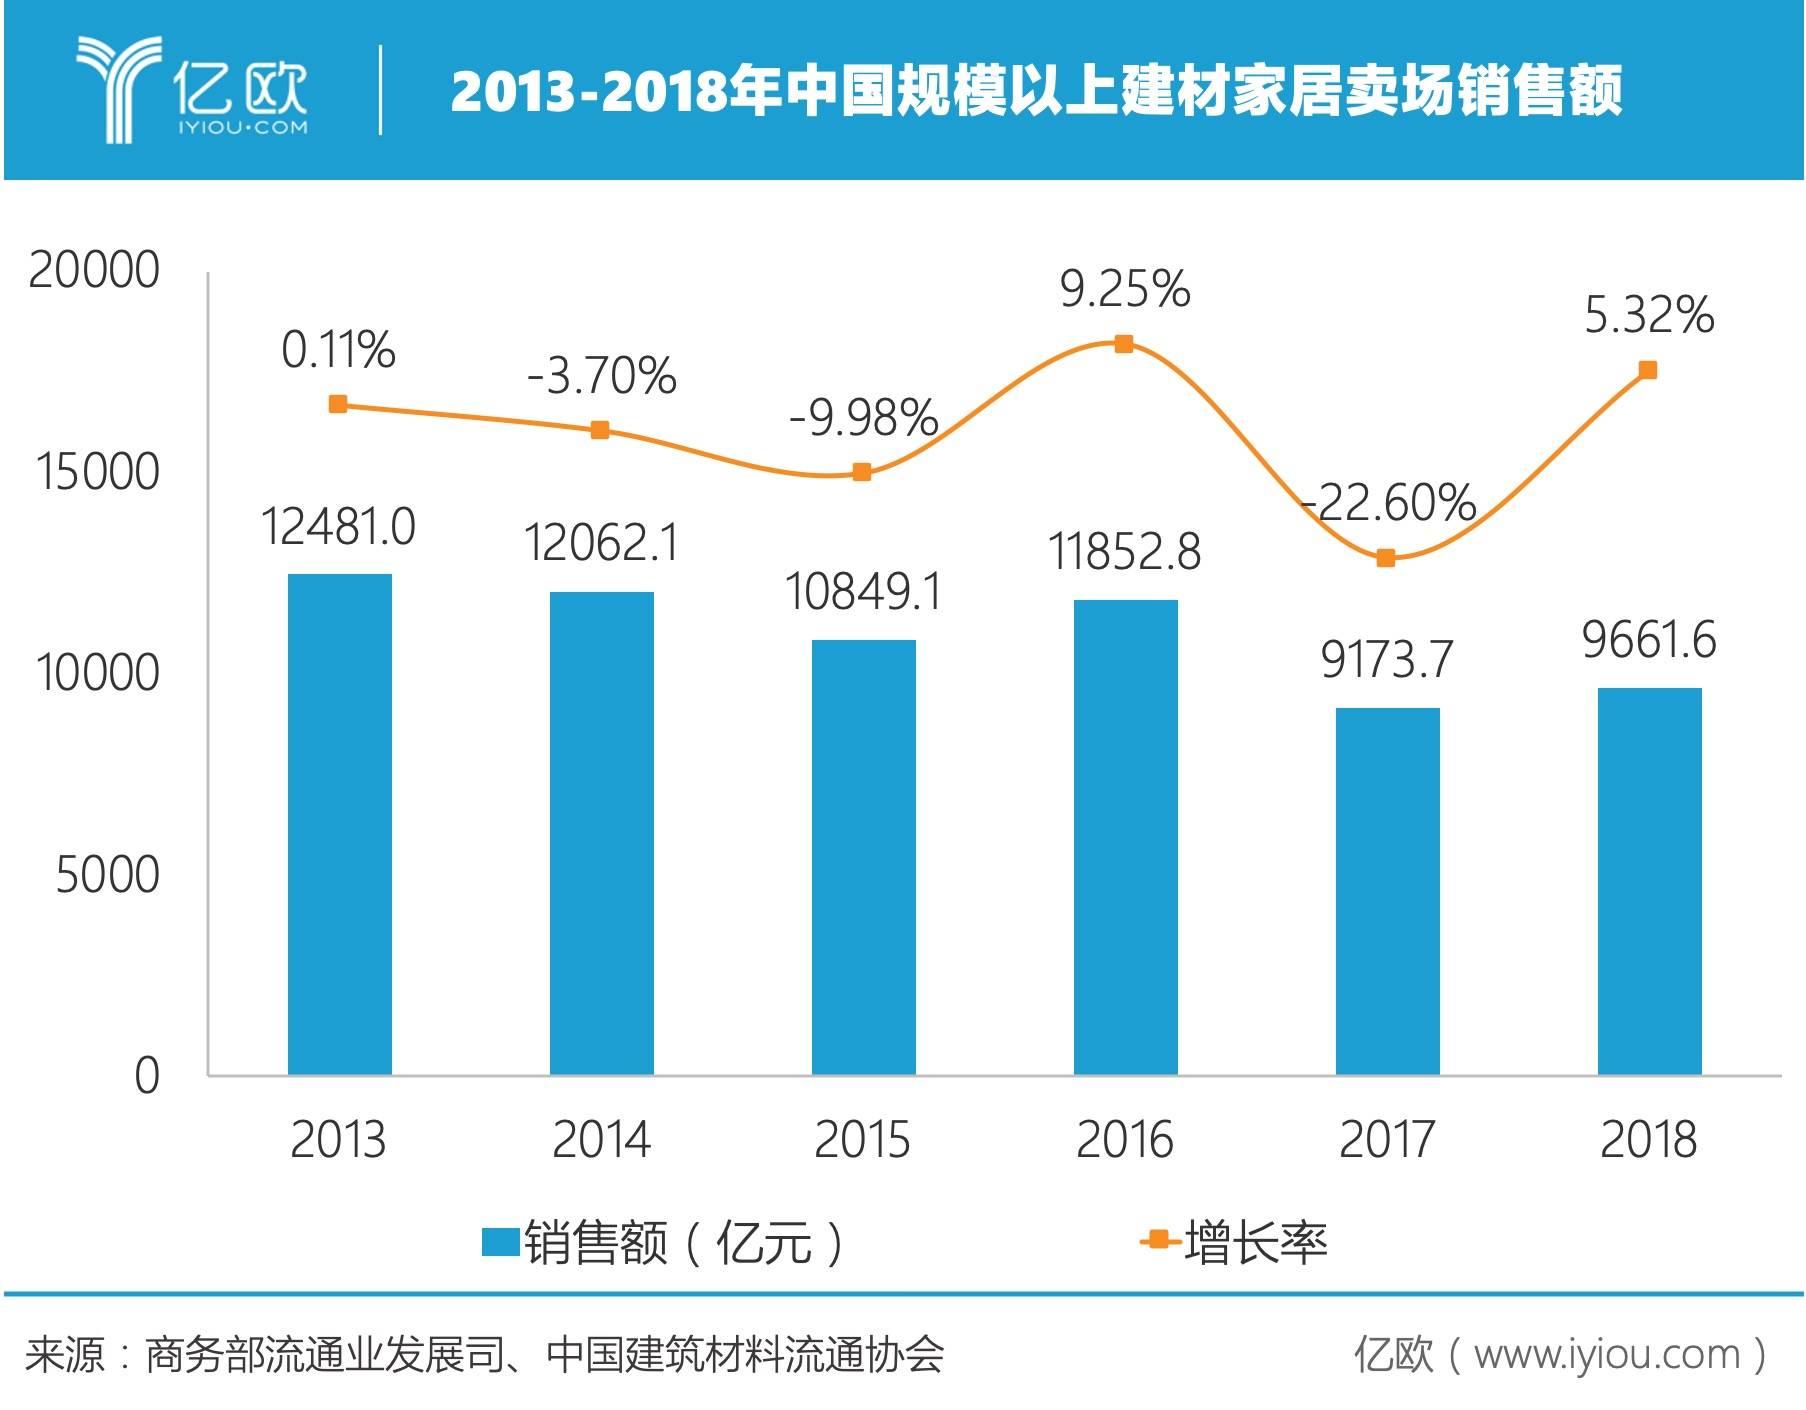 2013-2018中国规模以上建材家居卖场销售额